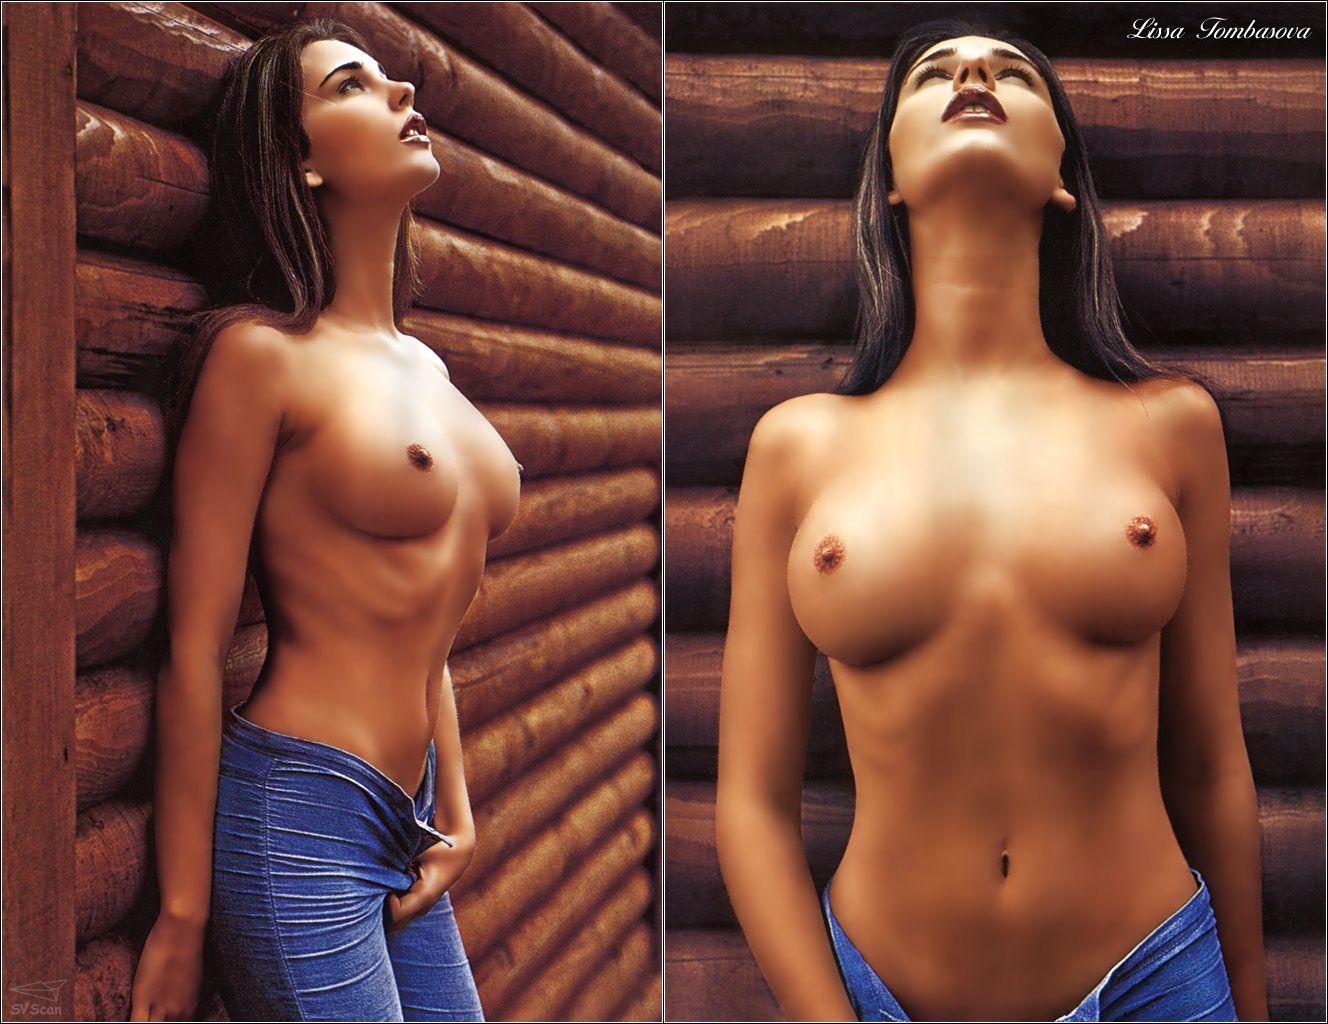 Фото голая грудь 8 размера 23 фотография